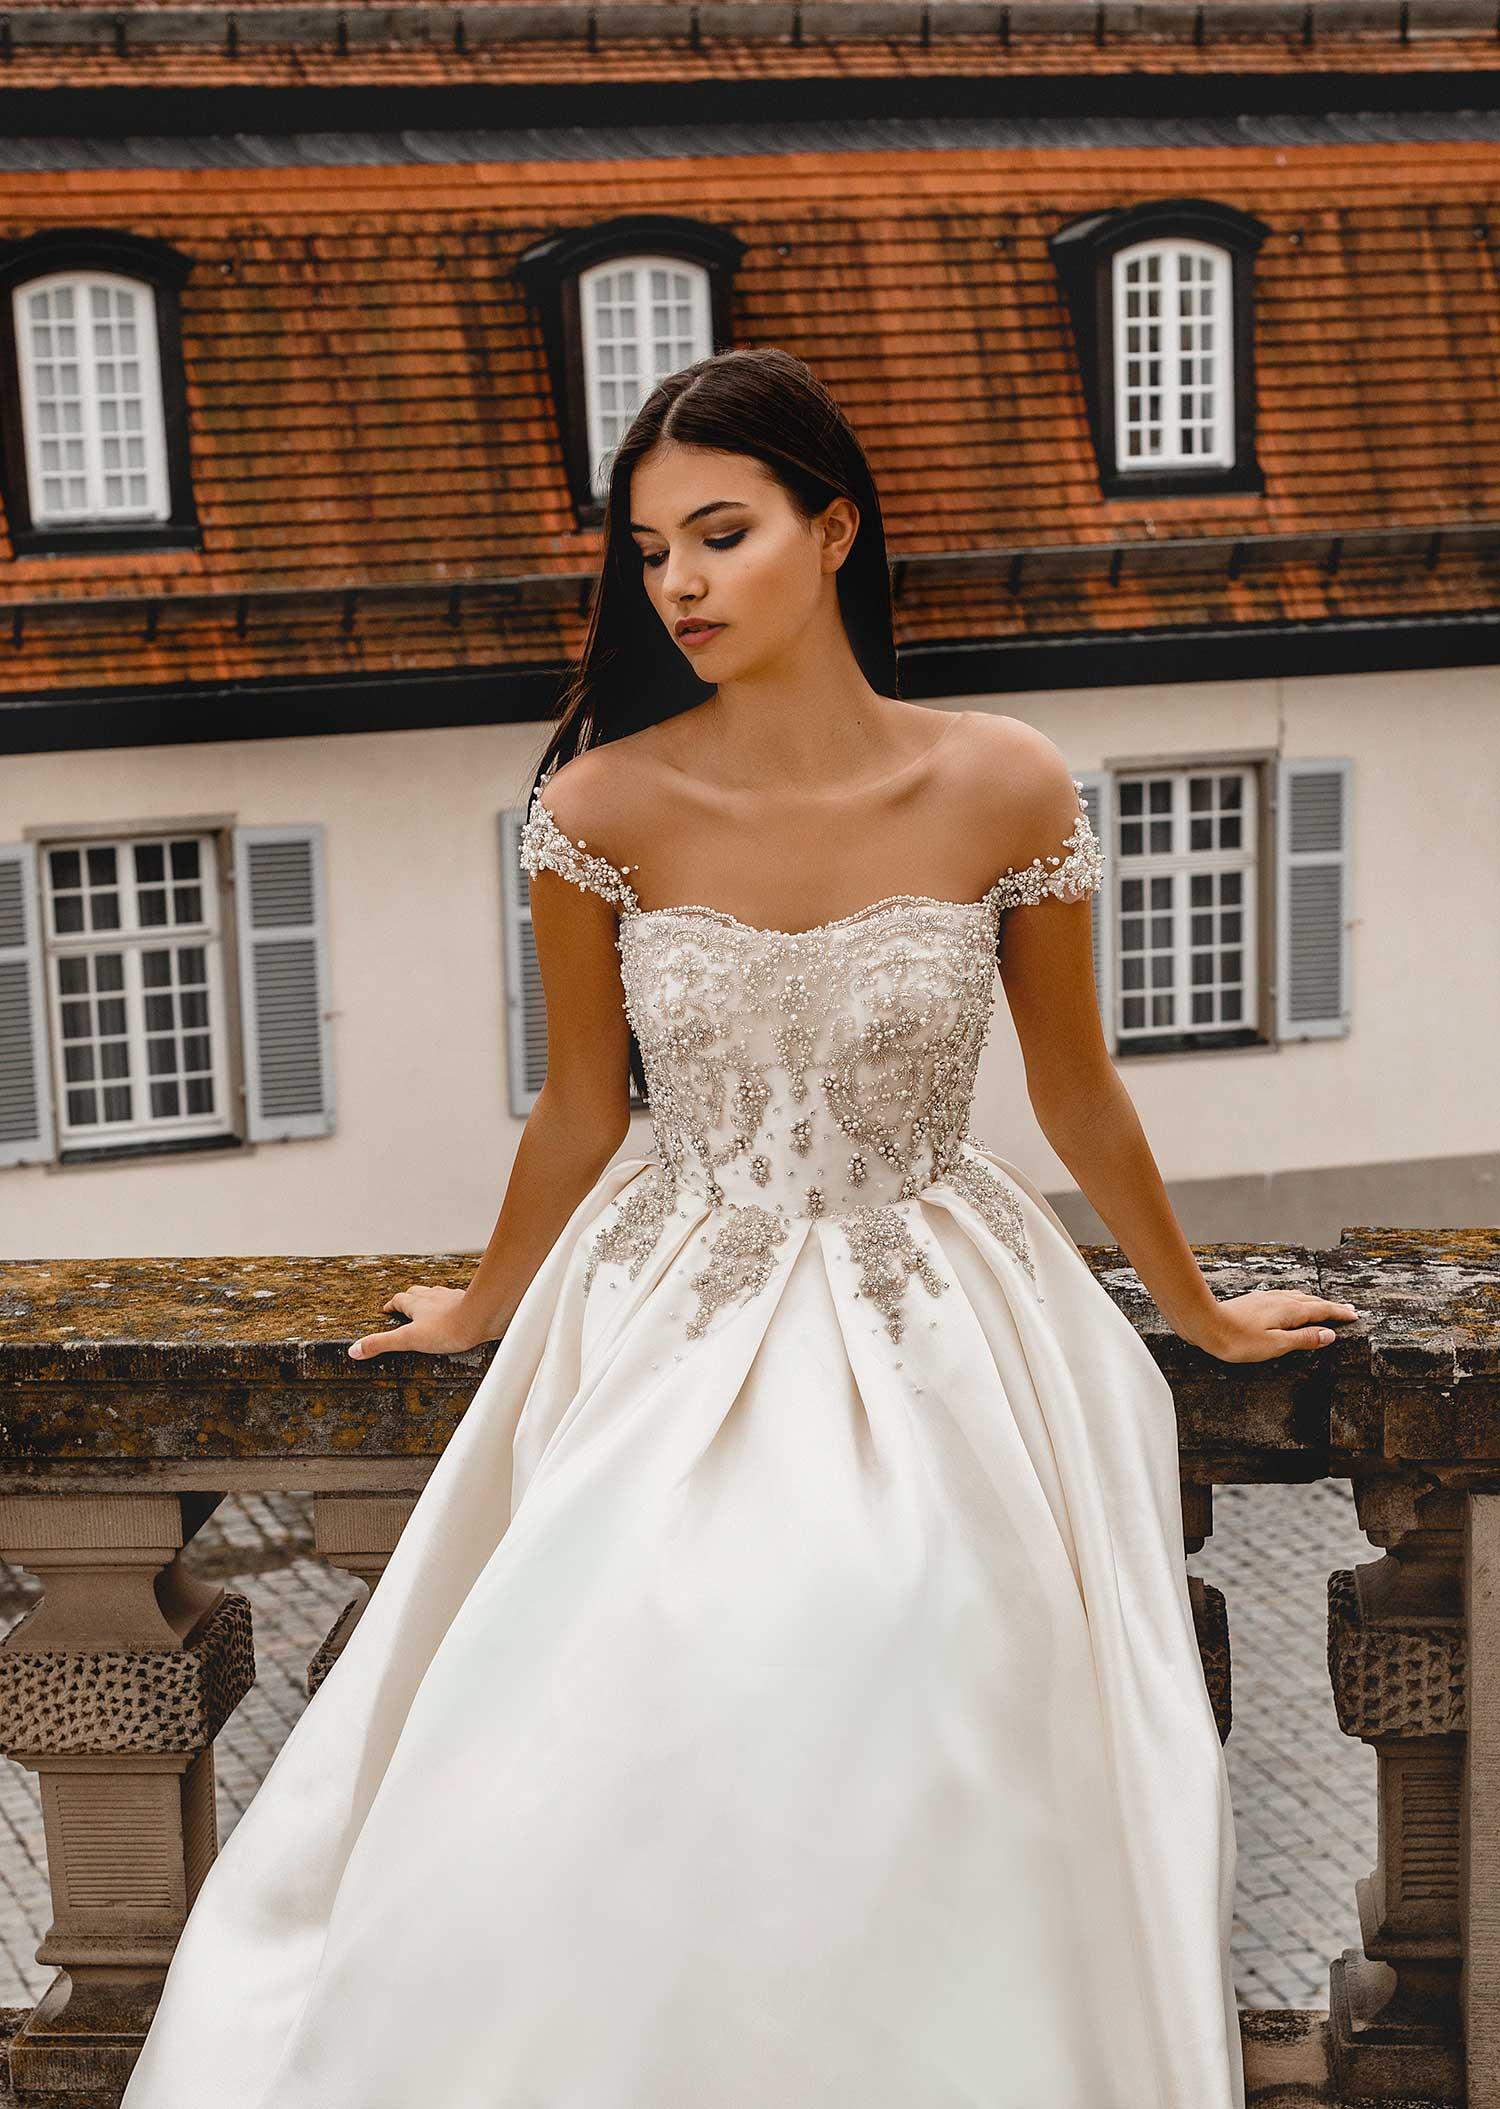 Natural bridal editorial photoshoot